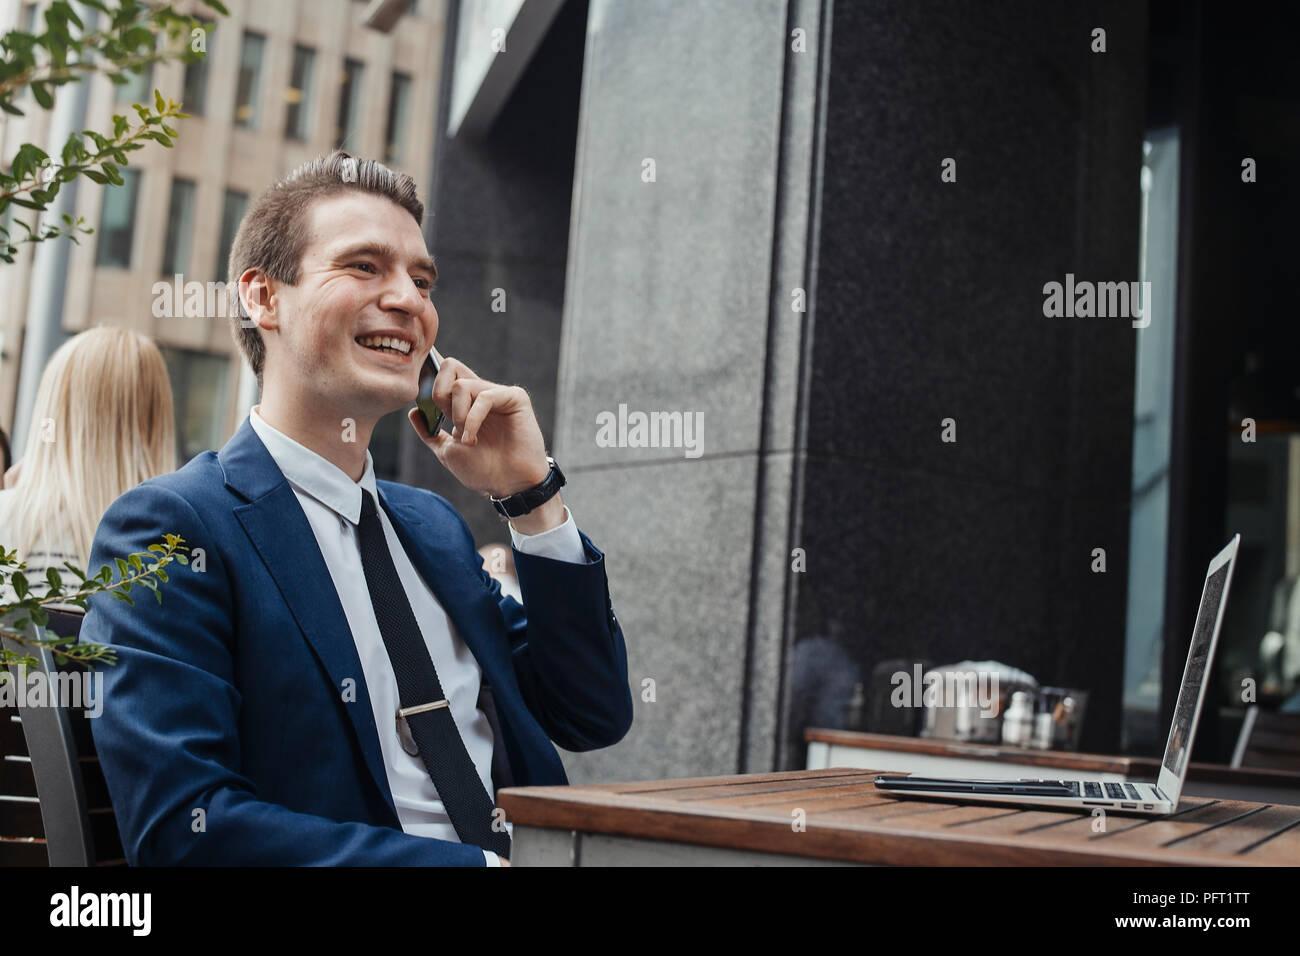 Junge attraktive Brünette Geschäftsmann Gespräch per Handy und lächelnd. Stockbild